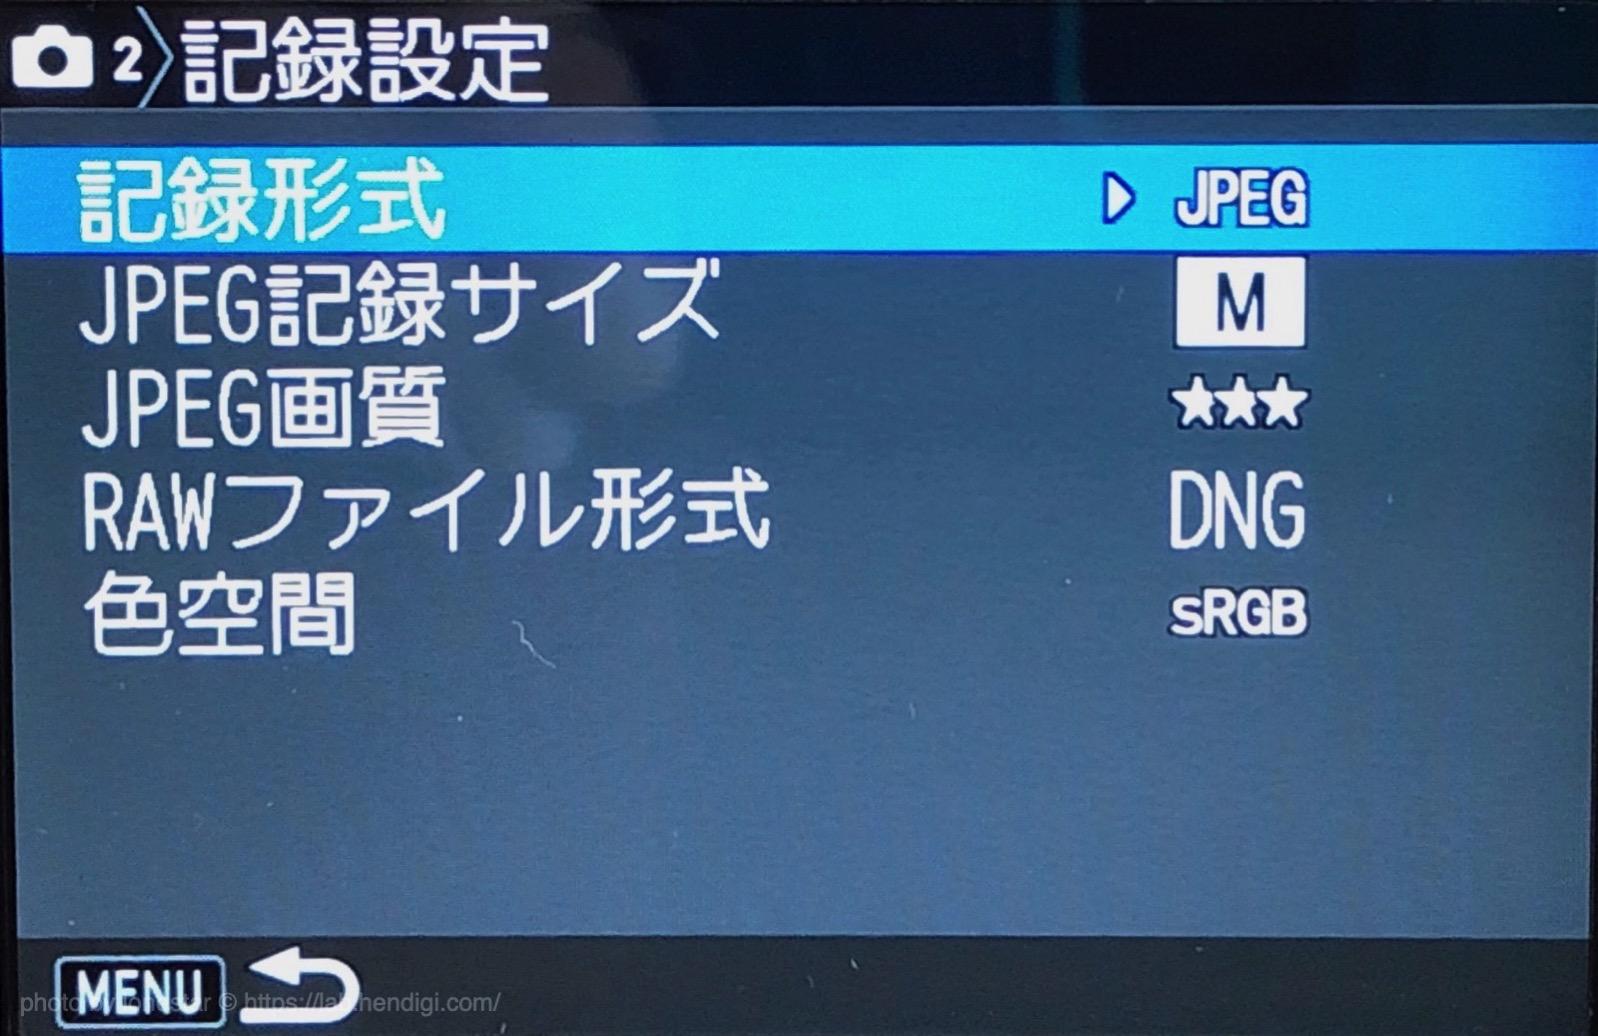 PENTAX K-70 JPEG 転送 スマホ